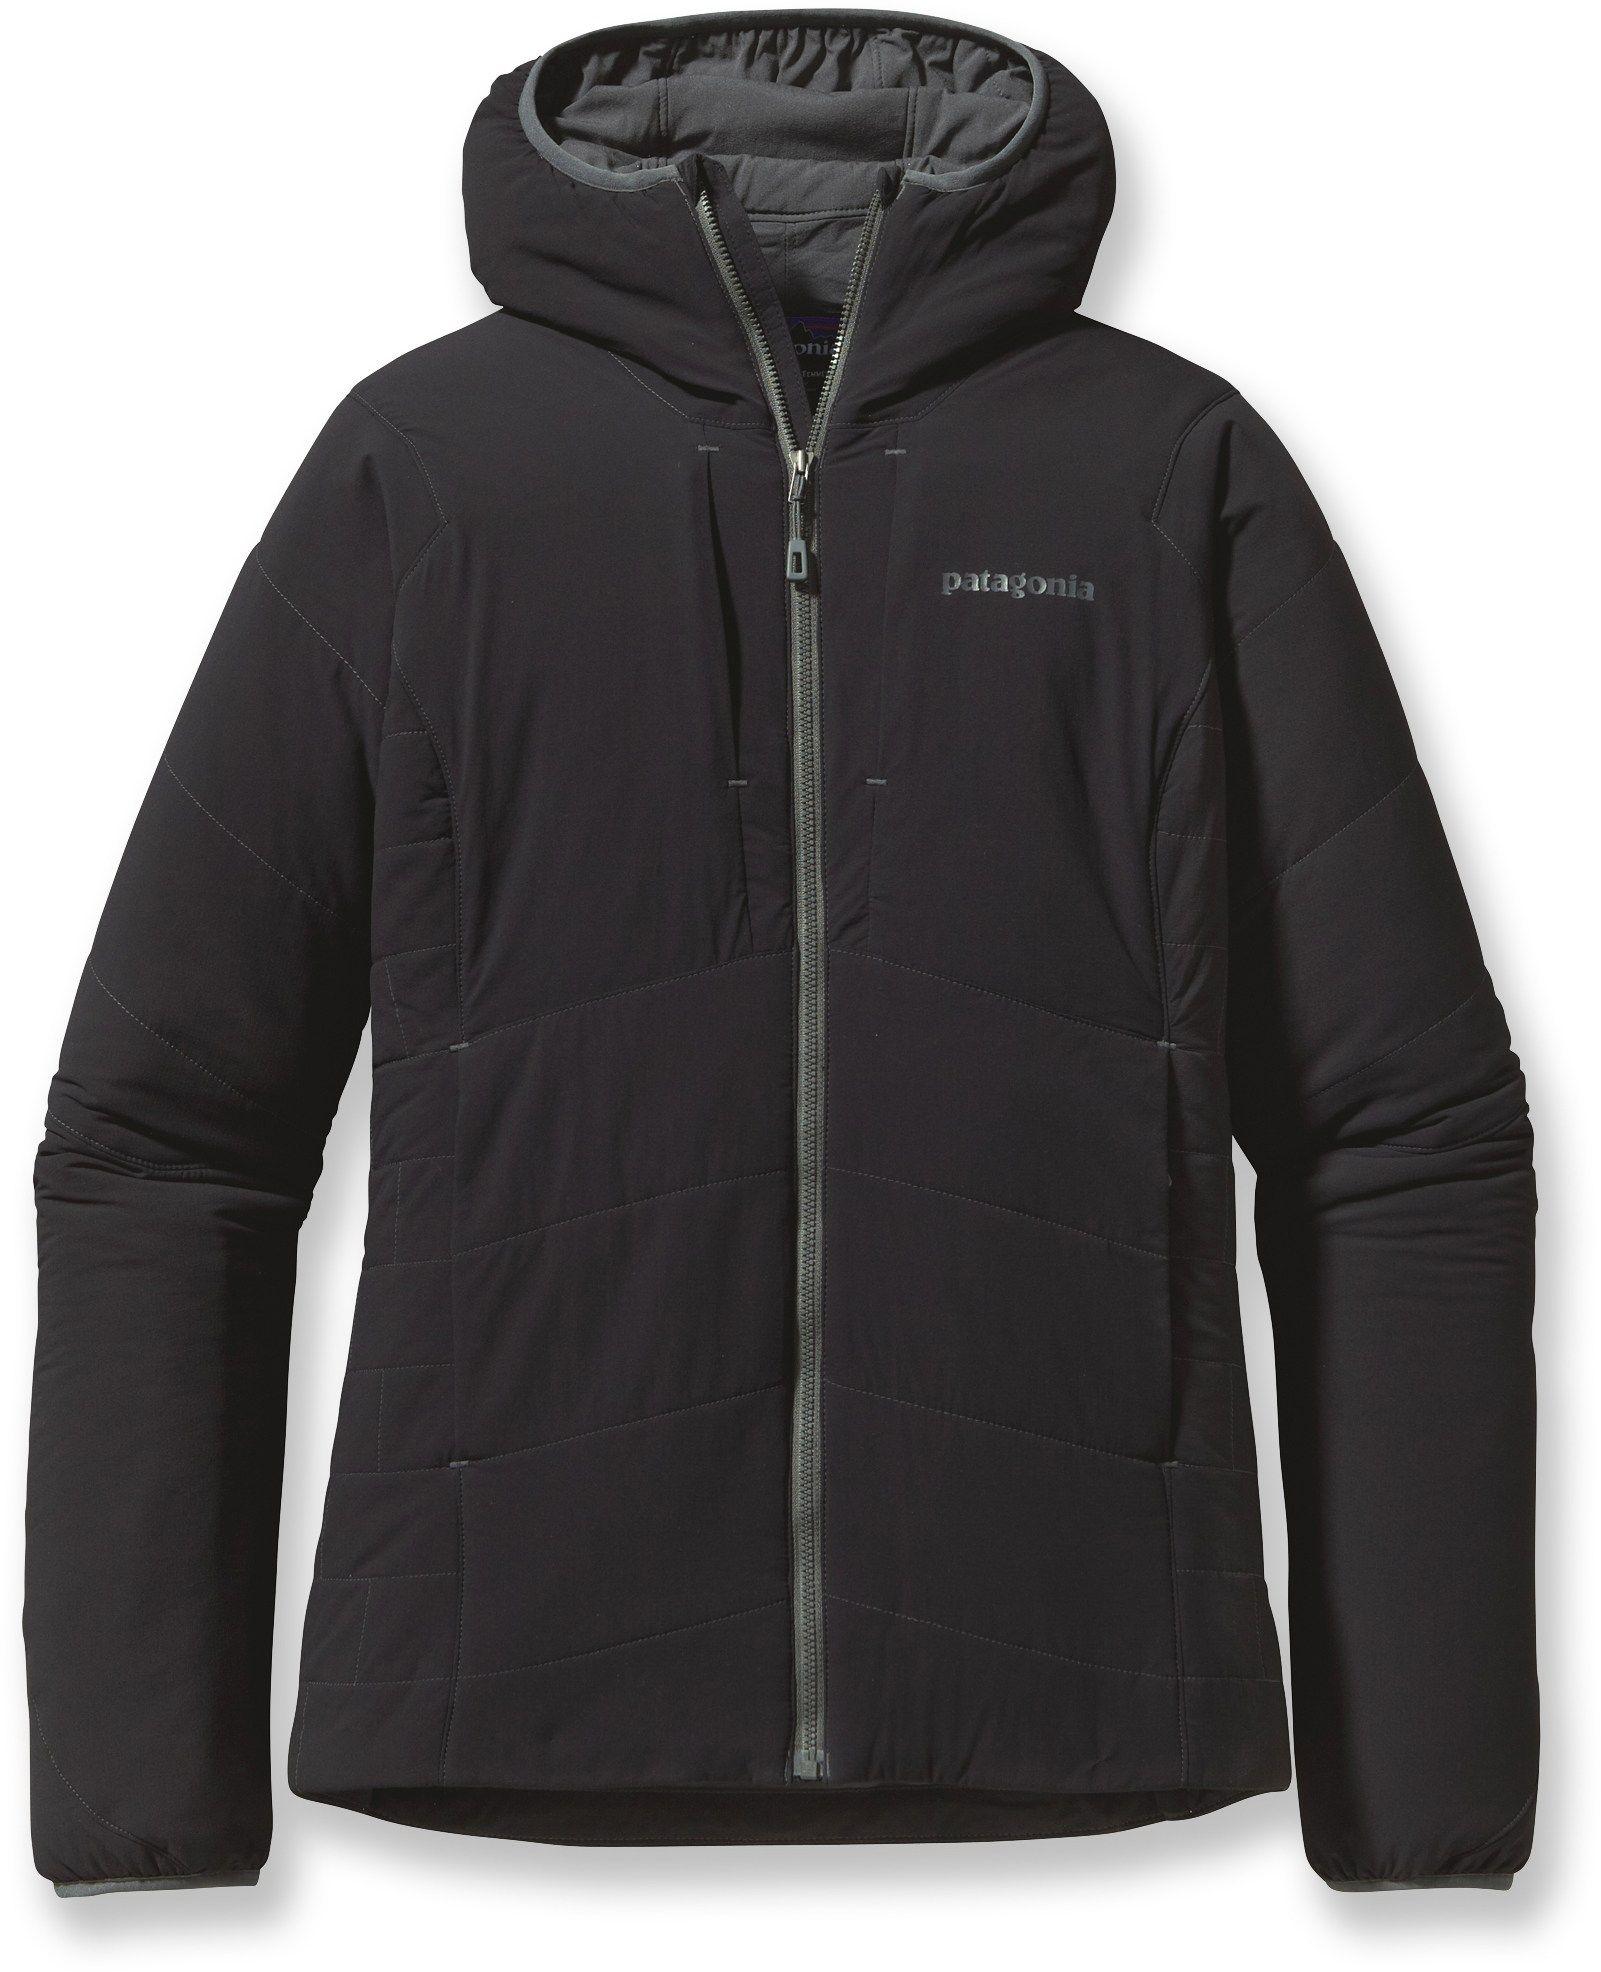 Patagonia NanoAir Hoodie Jacket Women's REI Coop